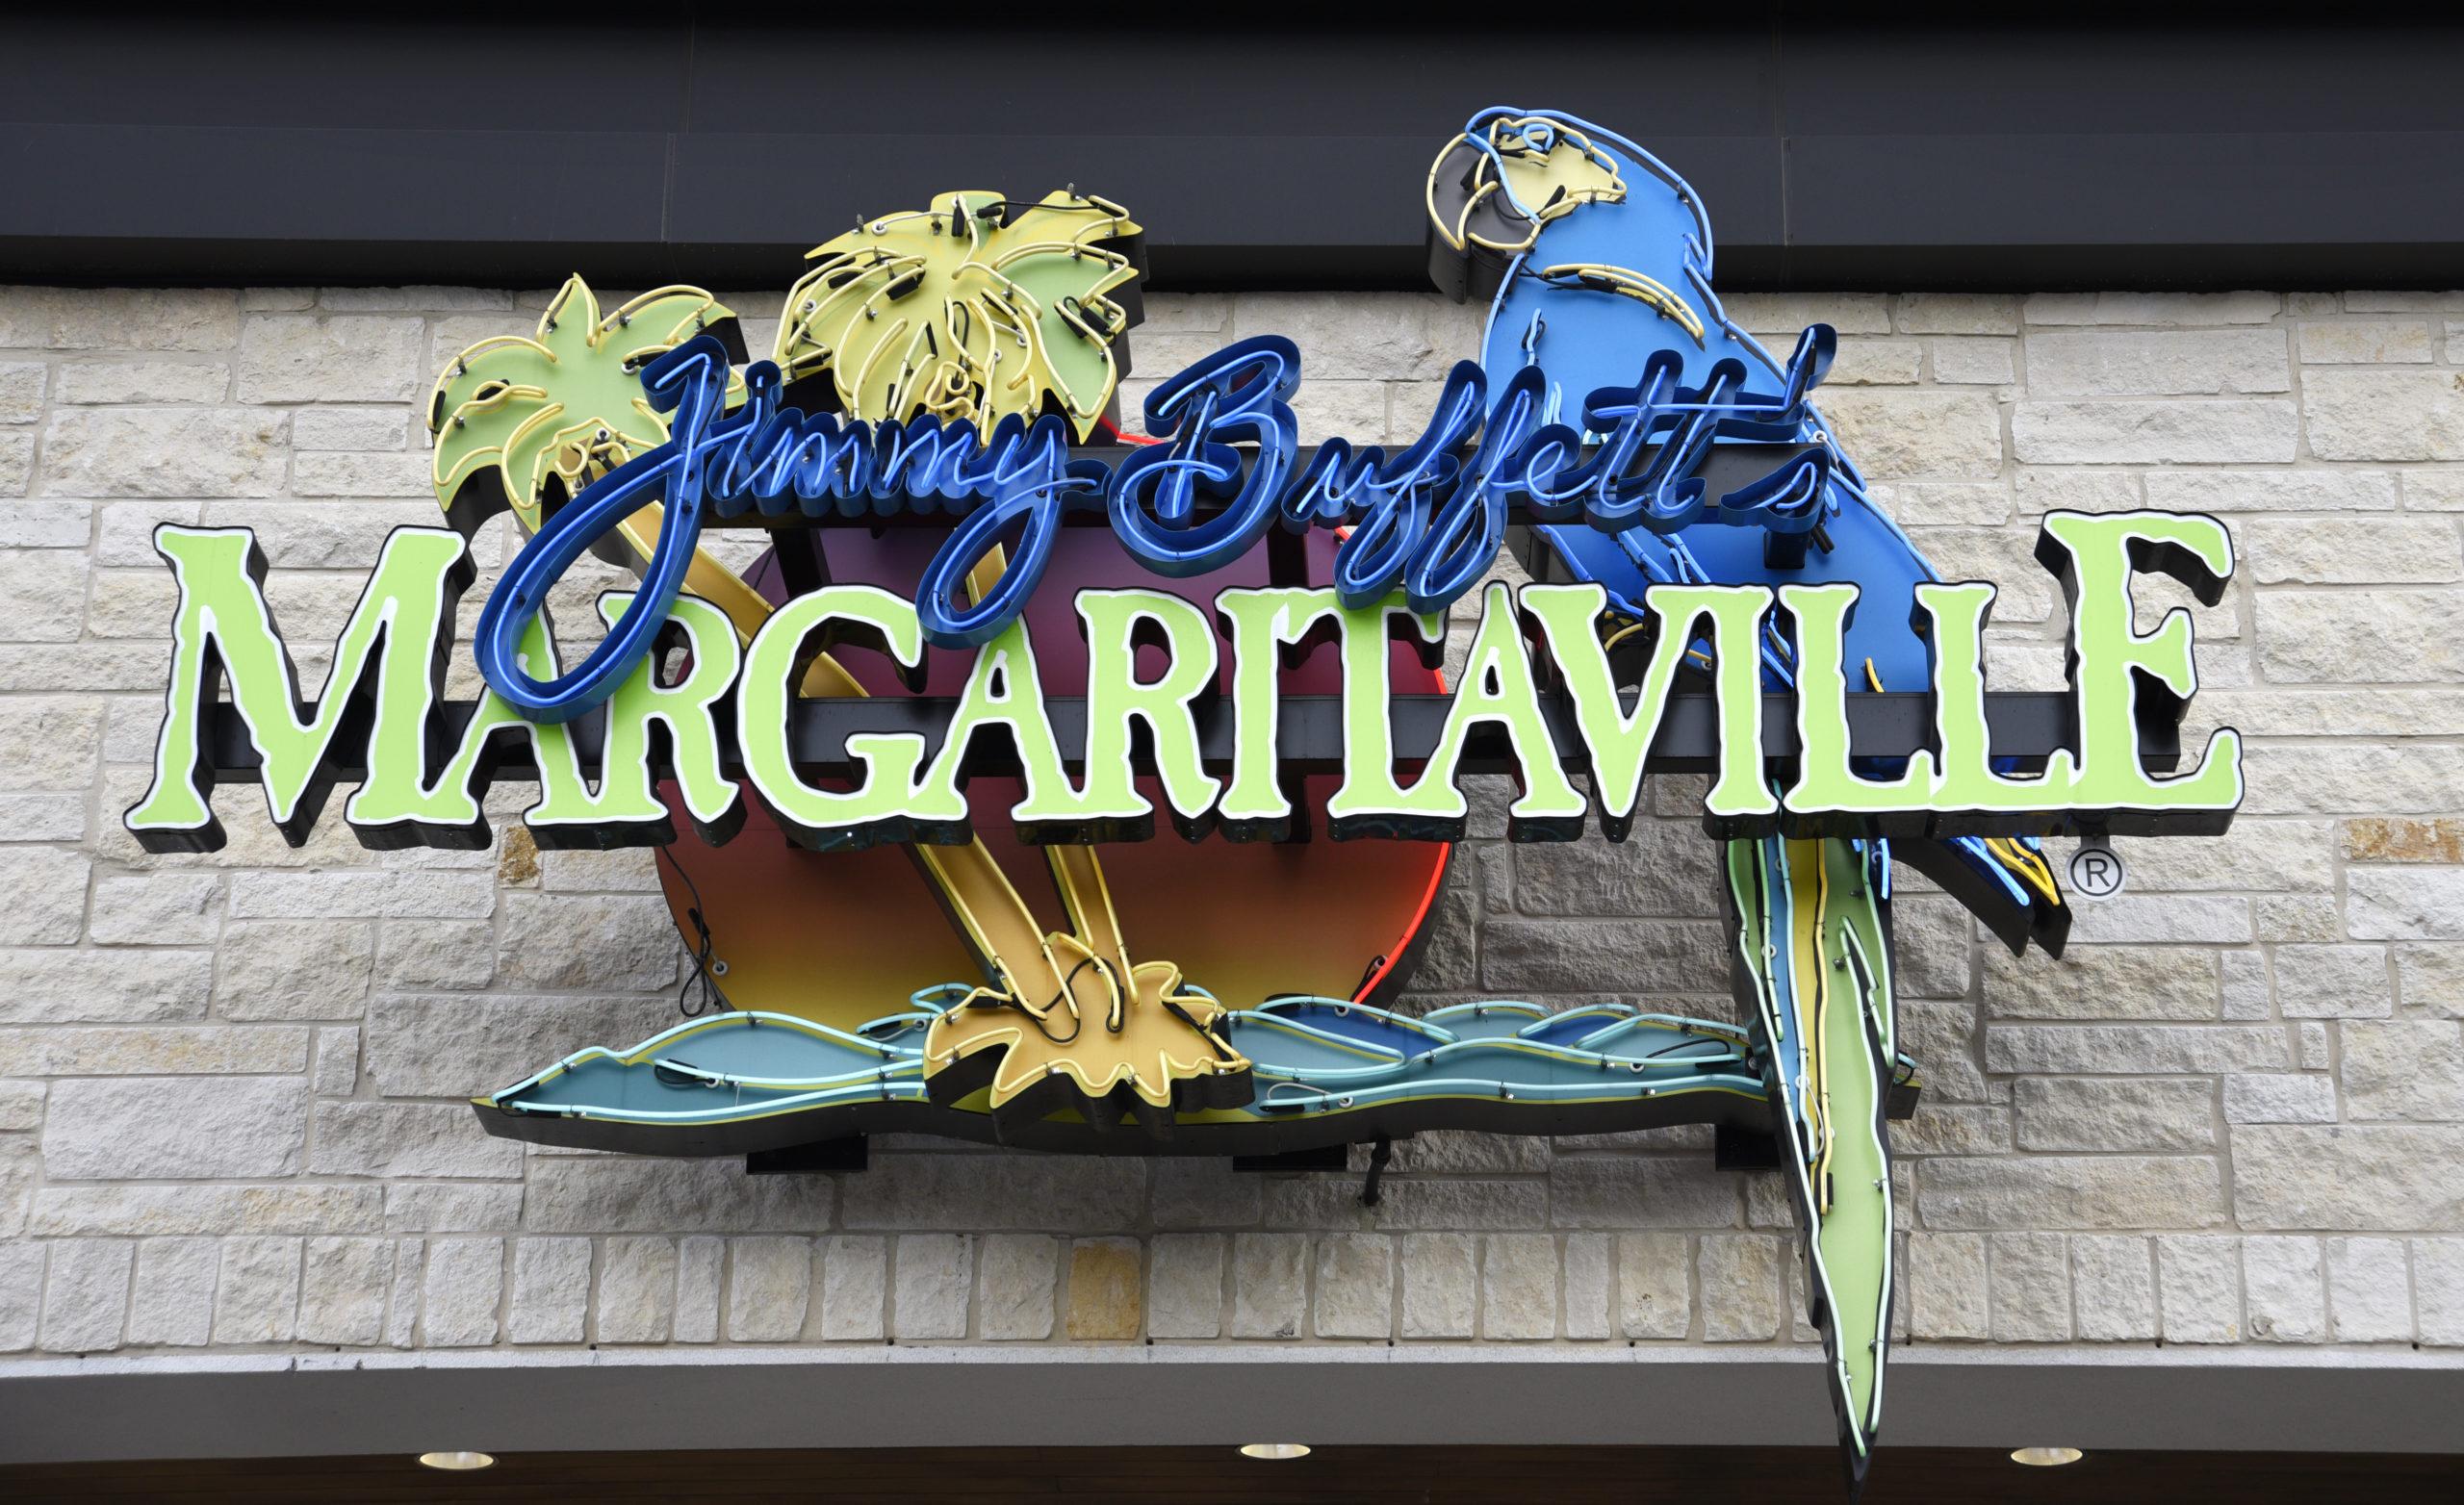 Margartiaville